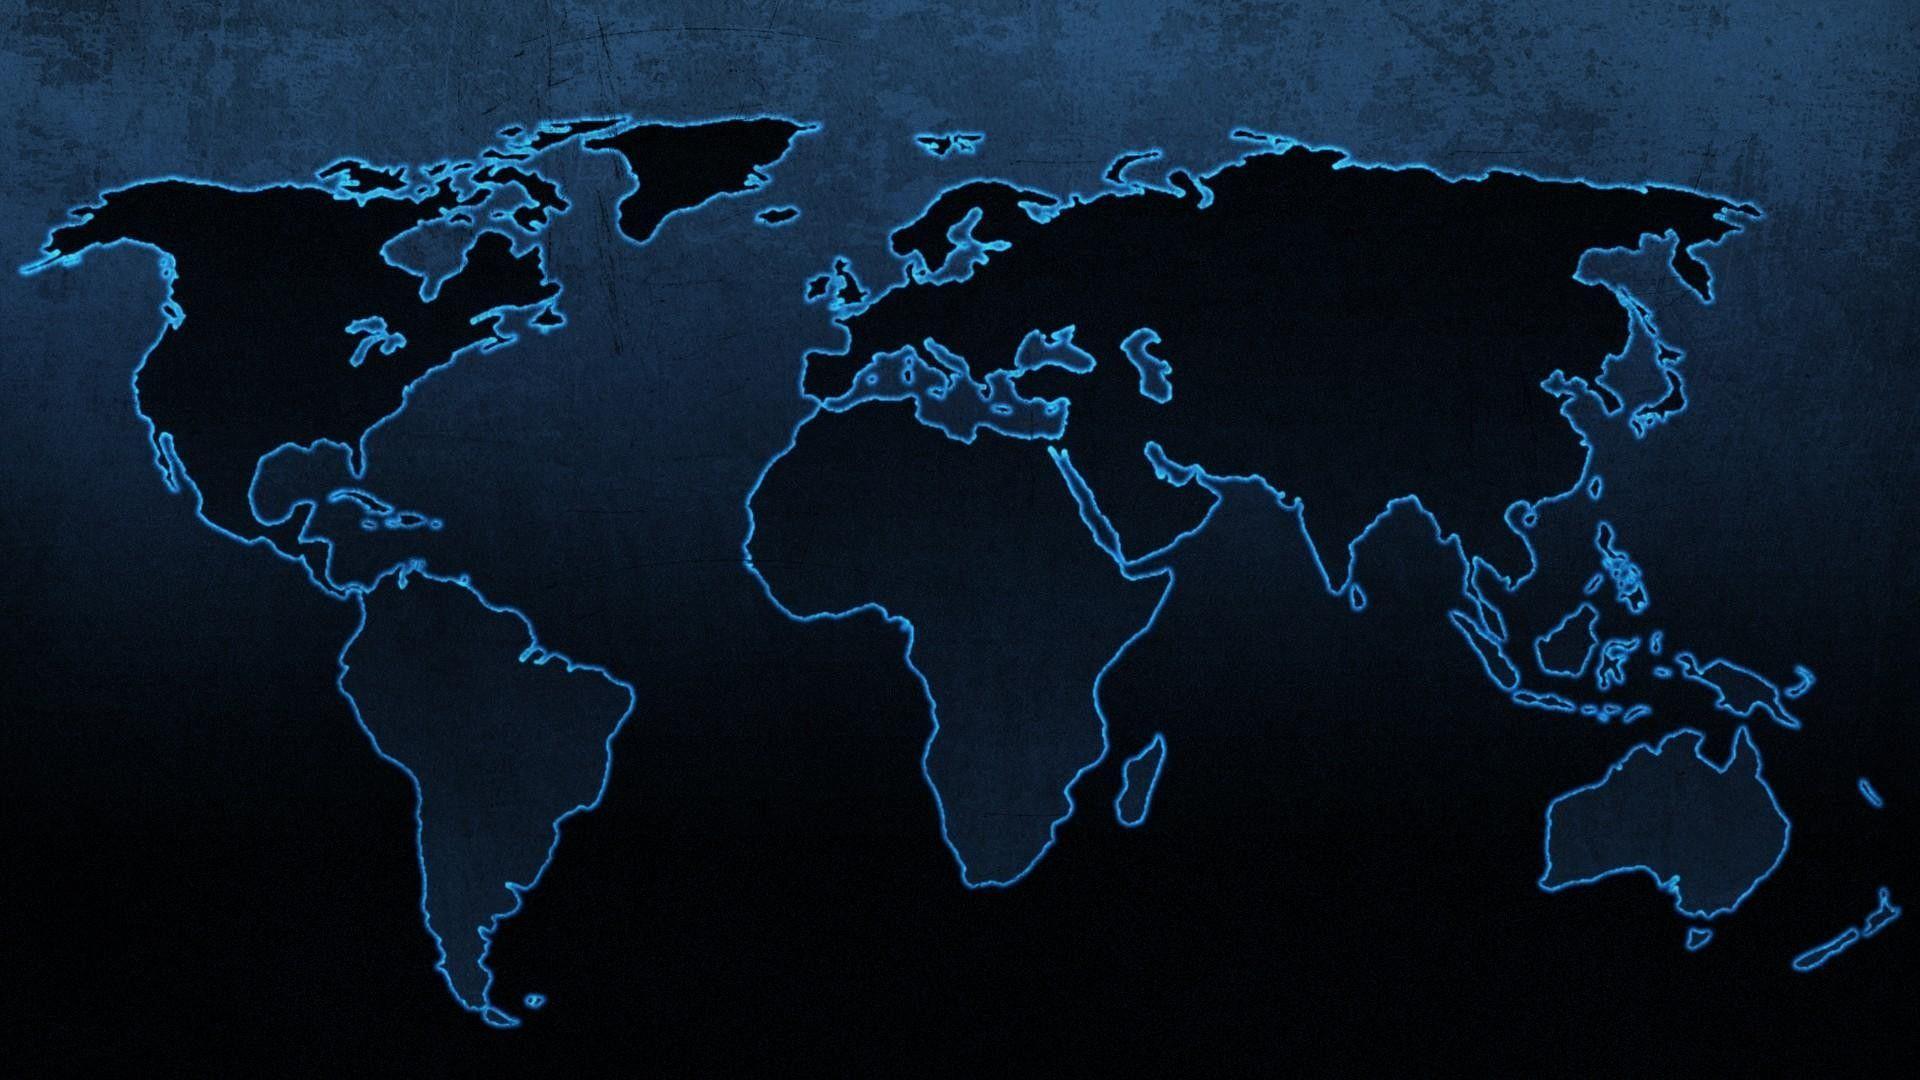 1920x1080 World Map Desktop Wallpaper HD